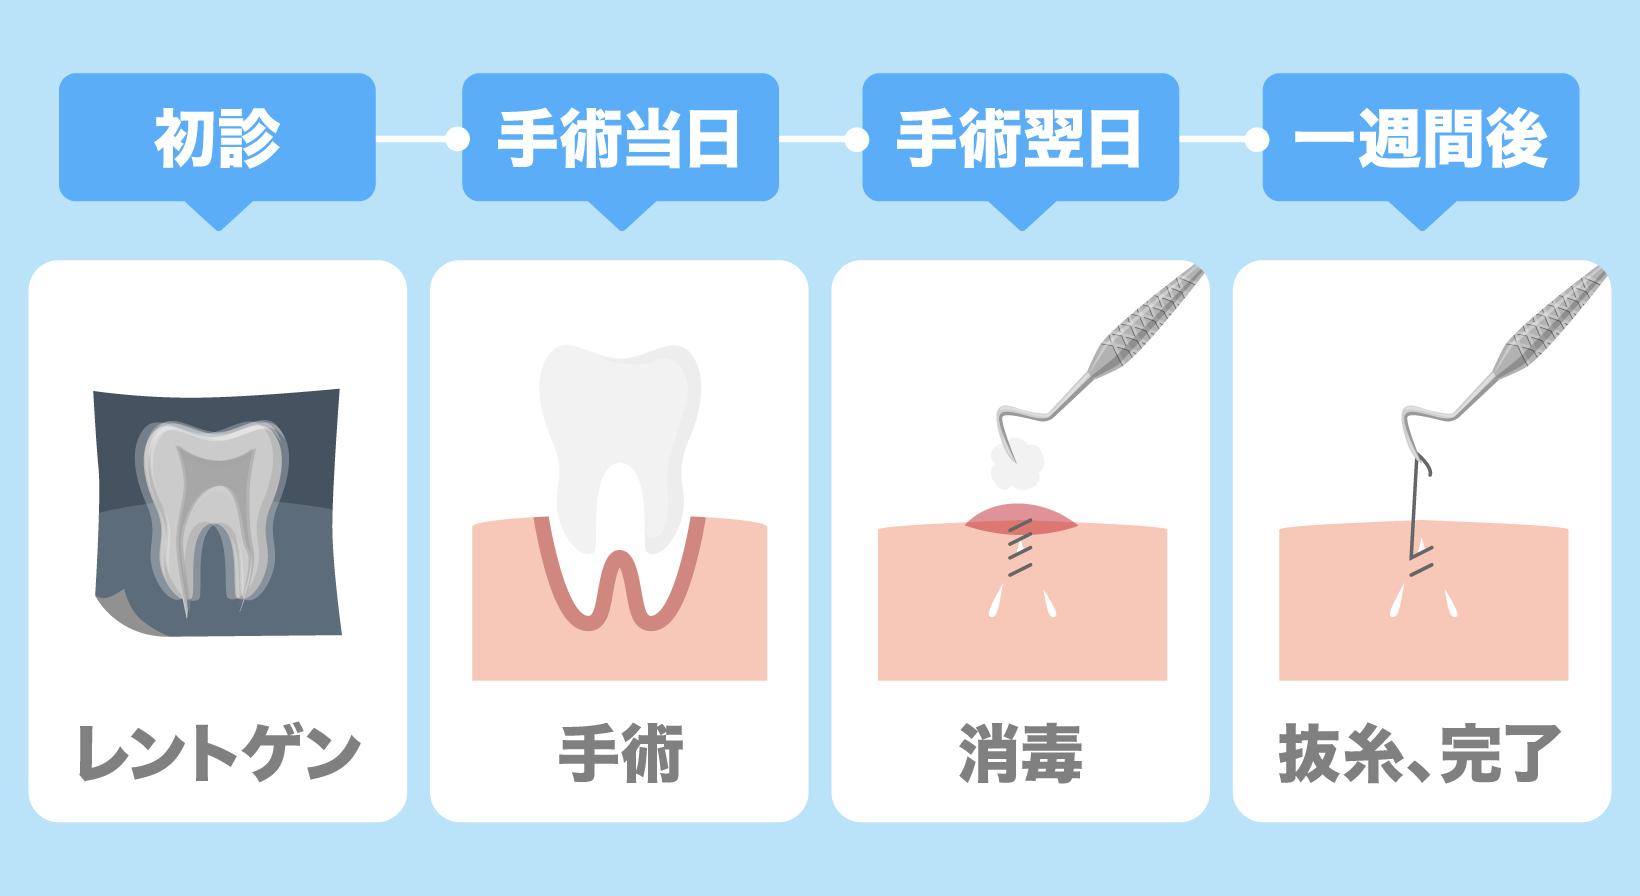 日帰りでの治療は、初診→レントゲン、手術当日→手術、手術翌日→消毒、一週間後→抜糸、完了となる